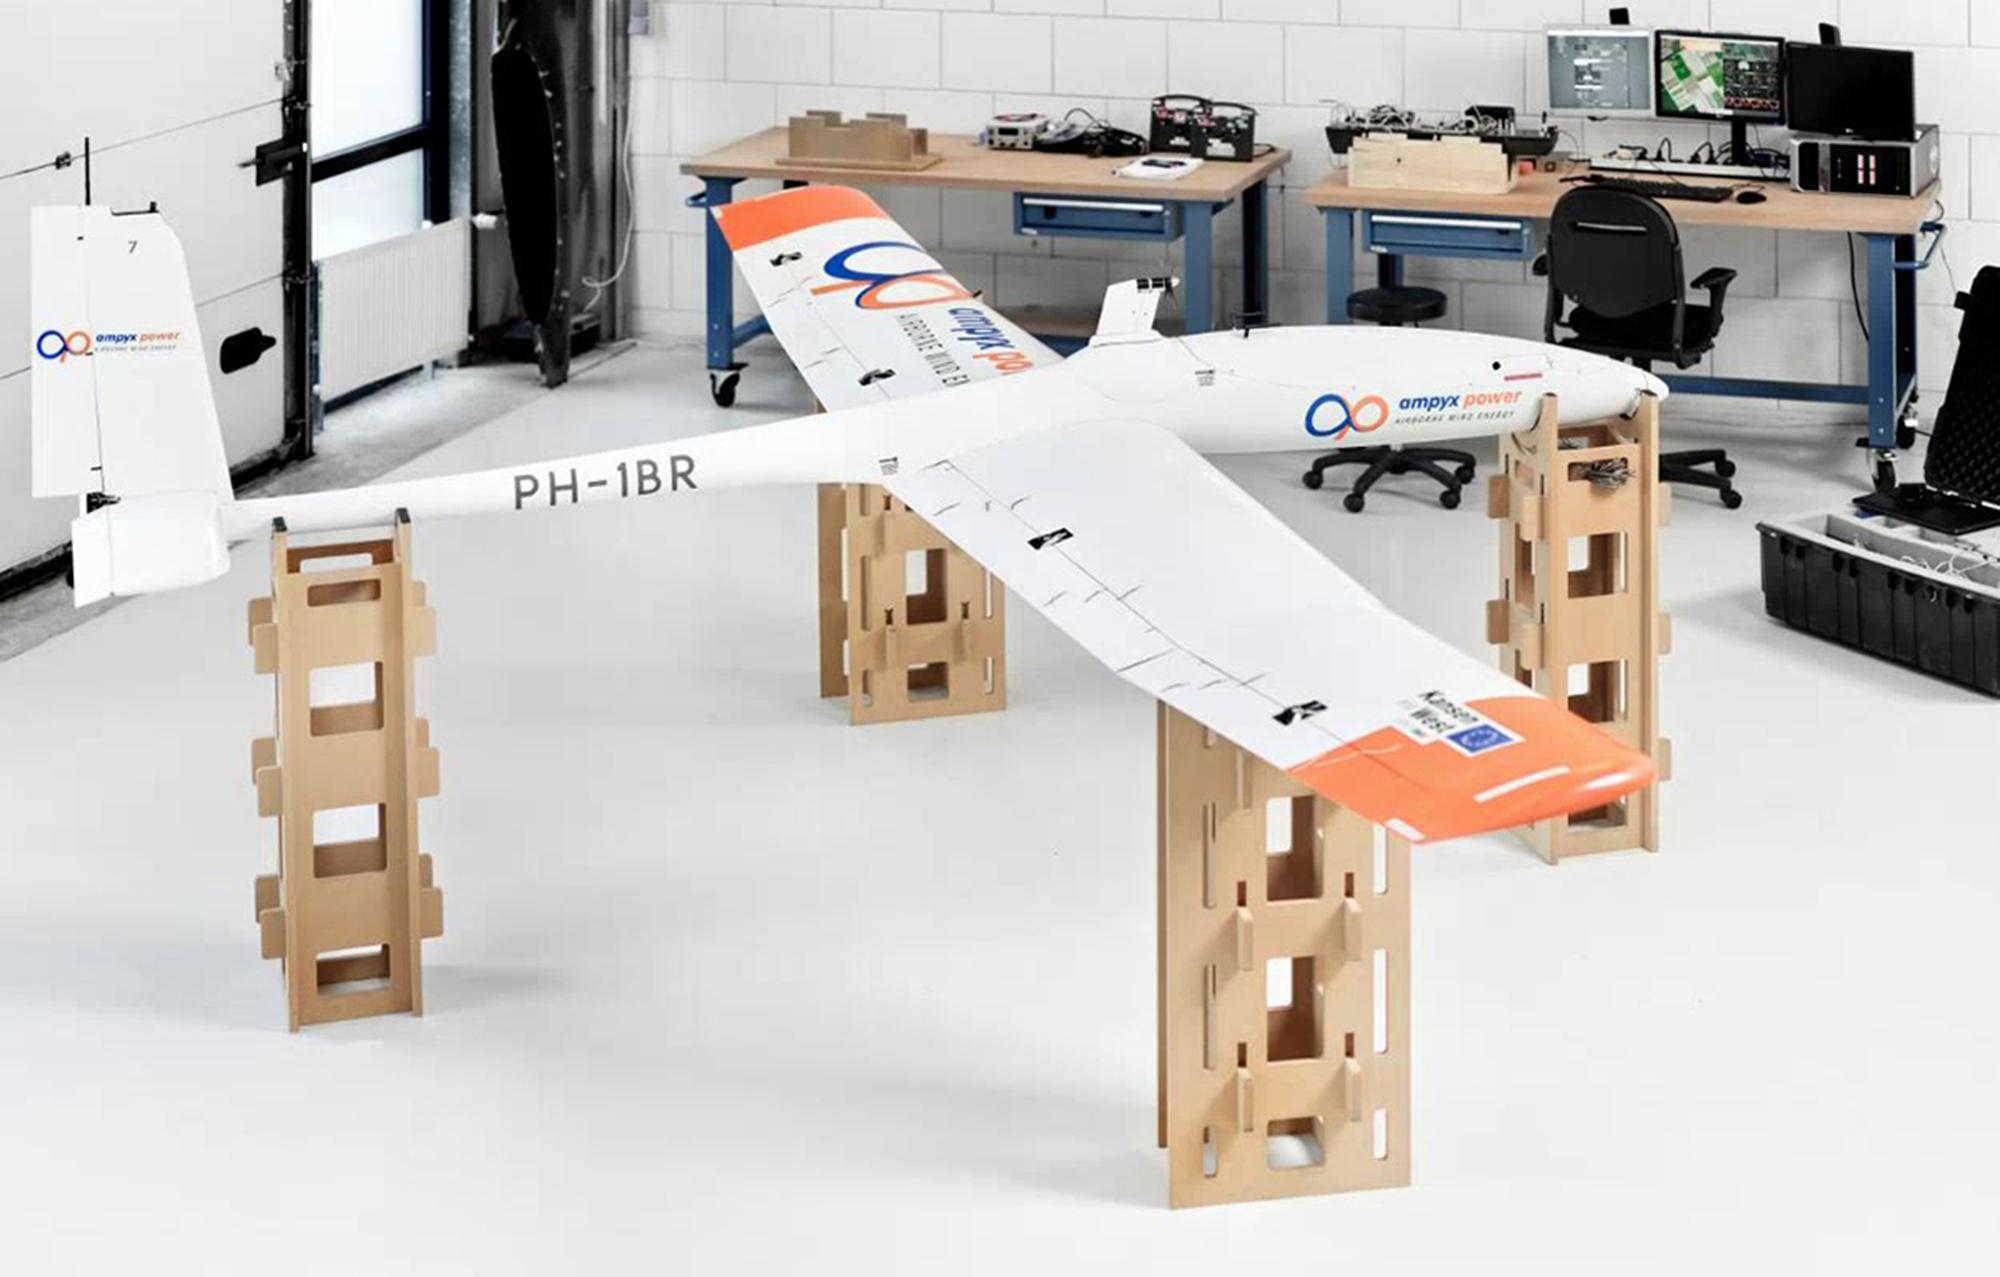 Los drones no conocen límites: se estudia su uso para generar electricidad